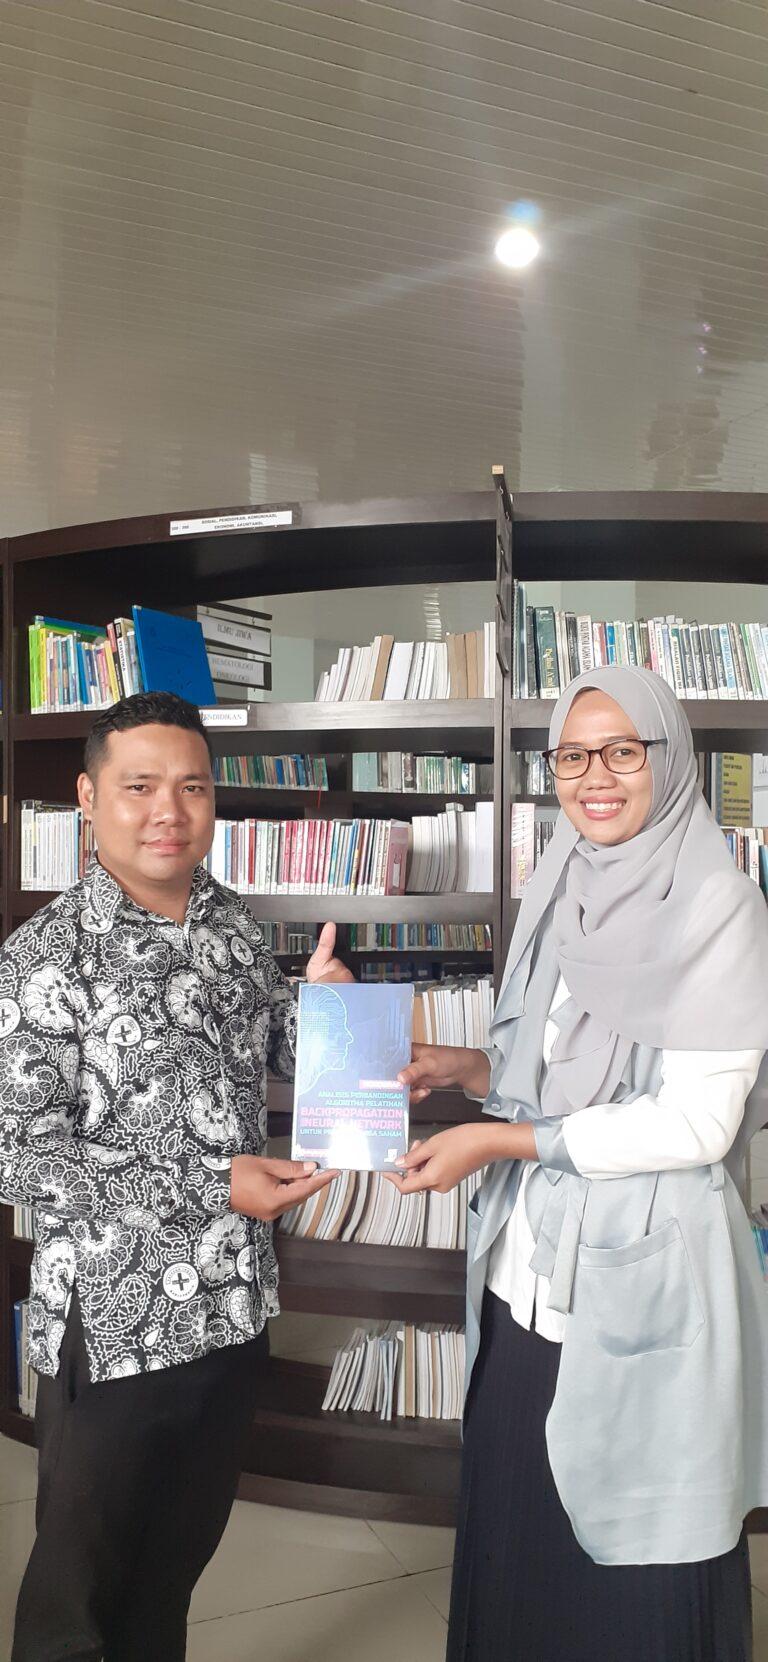 Pemberian Sumbangan Buku Oleh Dosen Sistem Informasi Finki Dona Marleny,M.Kom kepada Perpustakaan kampus